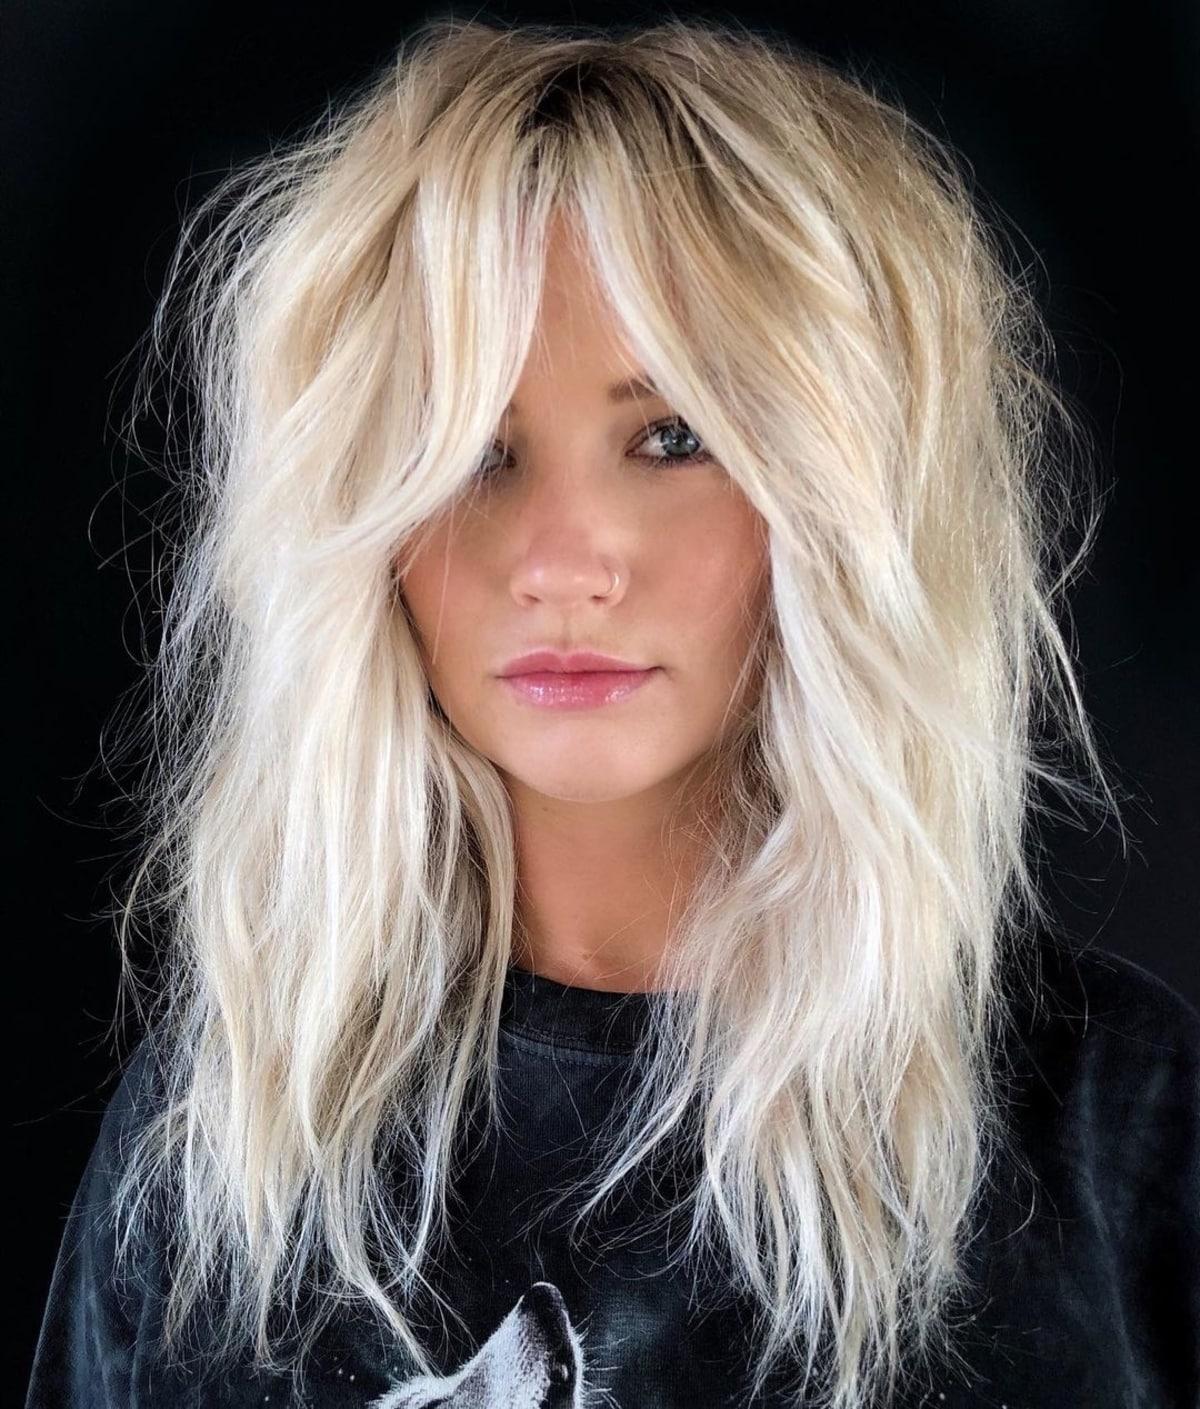 Cheveux blonds coupés et franges en rideau